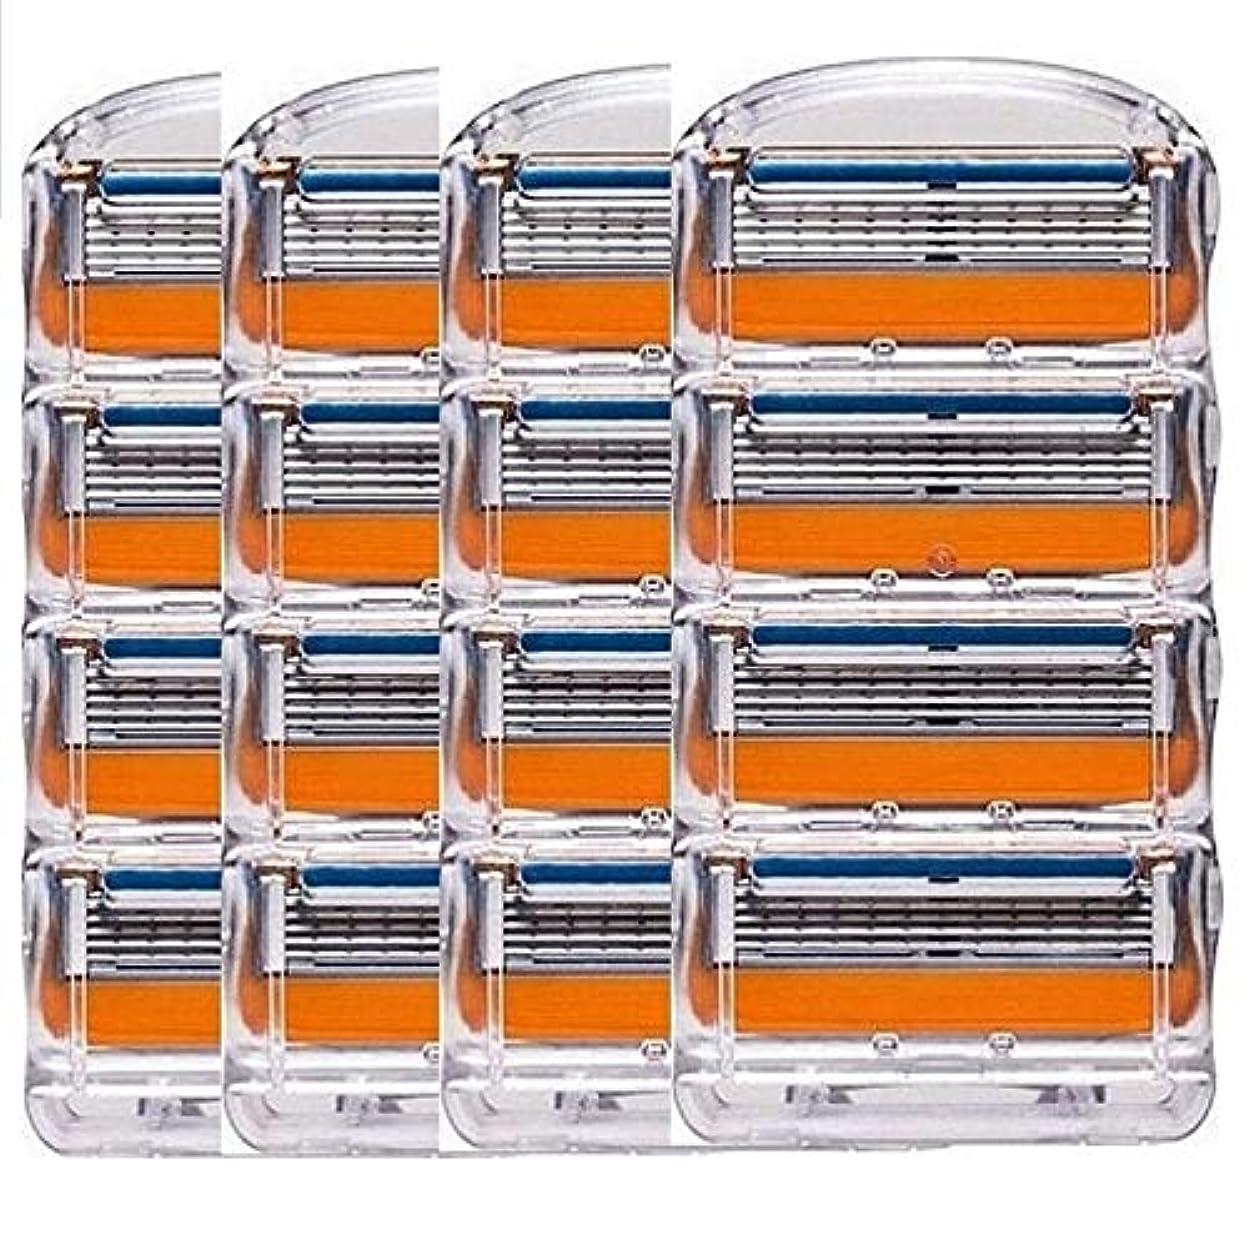 仮定、想定。推測差別化するびっくりジレット フュージョン用 替刃 互換品 4セット 16個 髭剃り Gillette Fusion プログライド パワー 替え刃 オレンジ